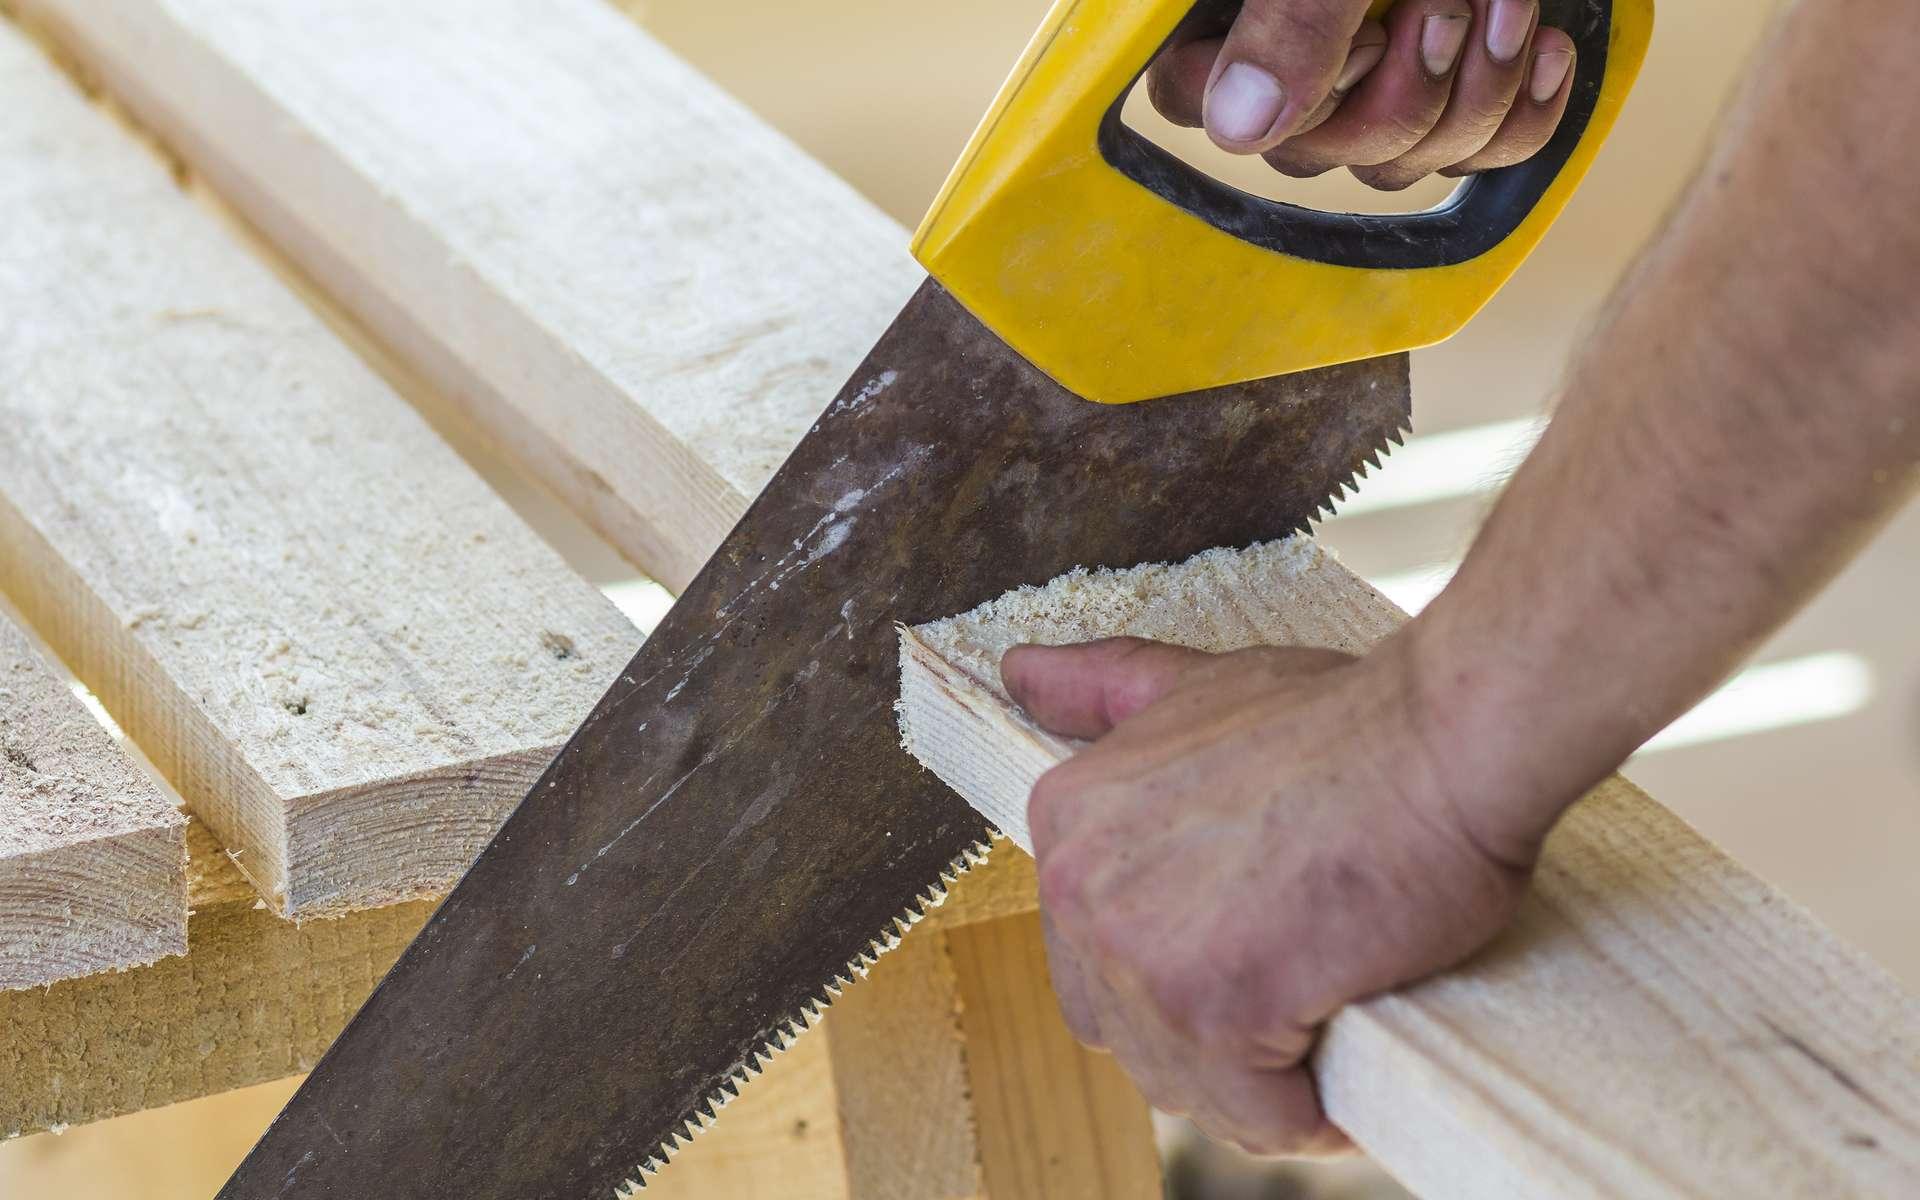 Couper le bois, le plâtre, le métal avec une scie à main est rapide et précis à condition de bien choisir la lame de la scie. Une scie à main pour le bois ne convenant pas pour découper un autre matériau. Une denture à double biseau permet un travail de coupe en poussée comme en traction. © bilanol, Adobe Stock